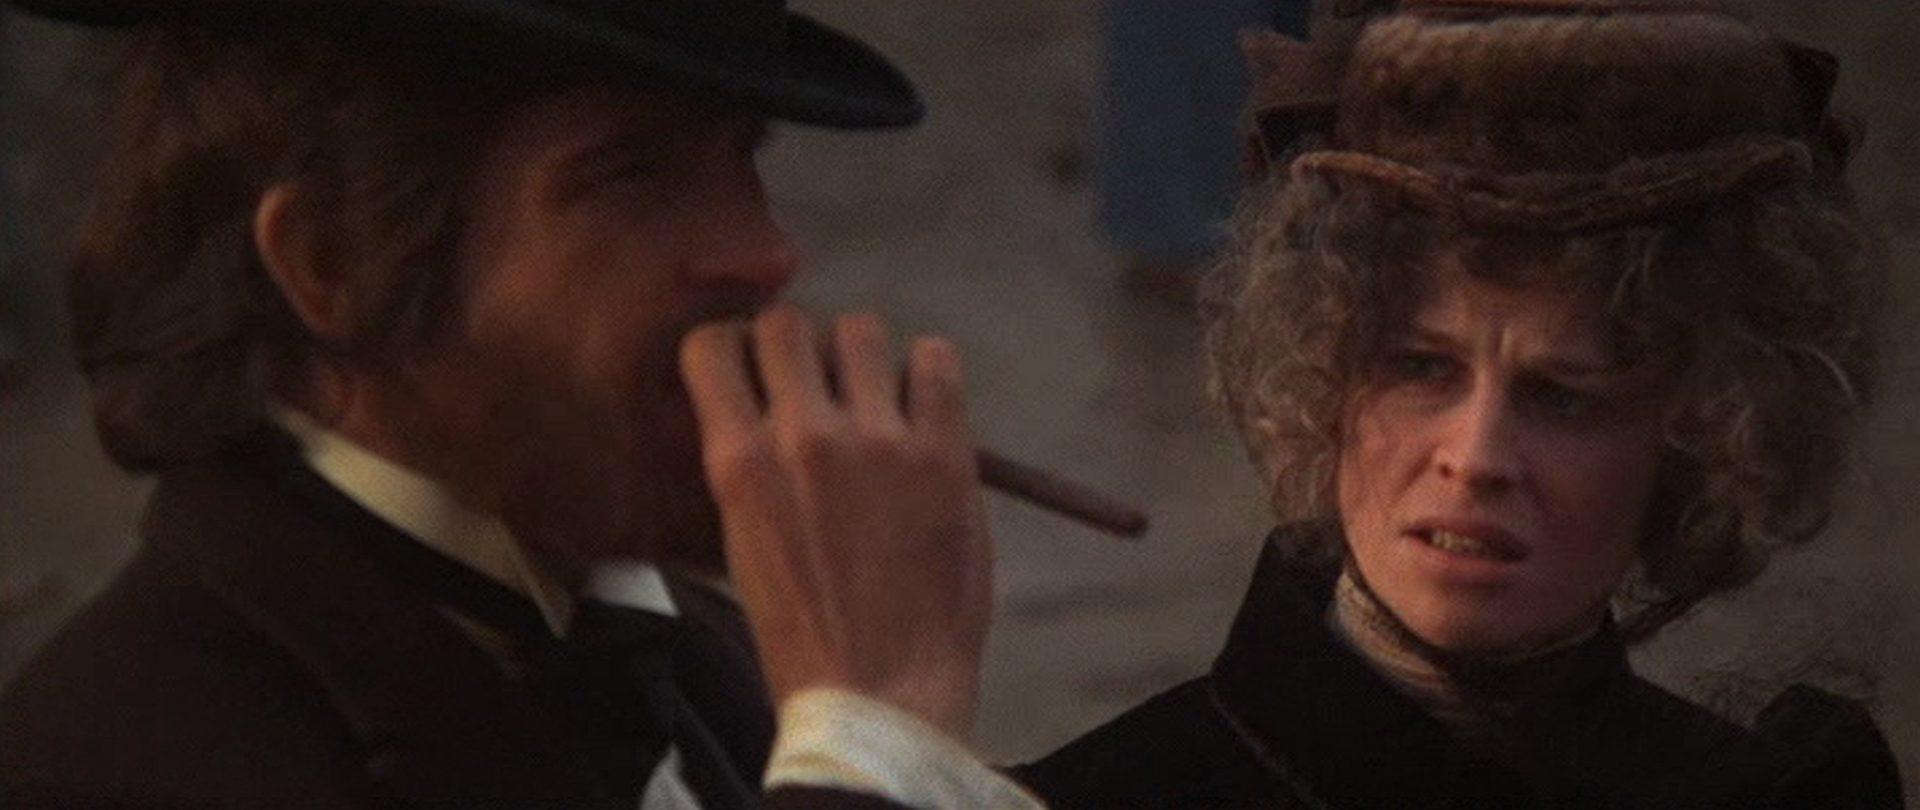 Nahaufnahme von Warren Beatty als John McCabe mit langer Zigarre und Julie Christie als Constance Miller, die ihn kritisch anblickt.